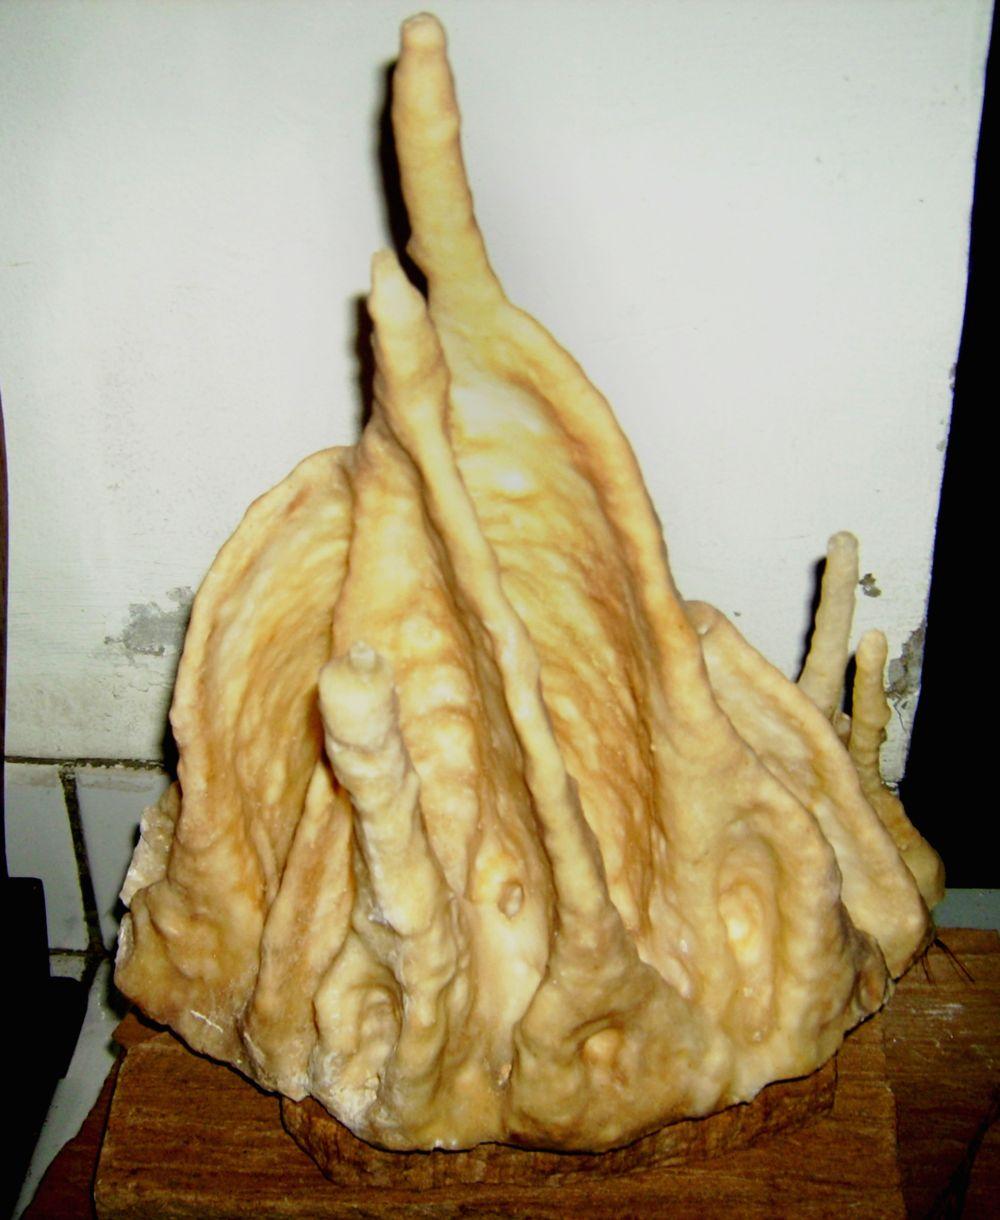 jenis batu kapur stalaktit yang diperoleh dari badar tawon batuan ...